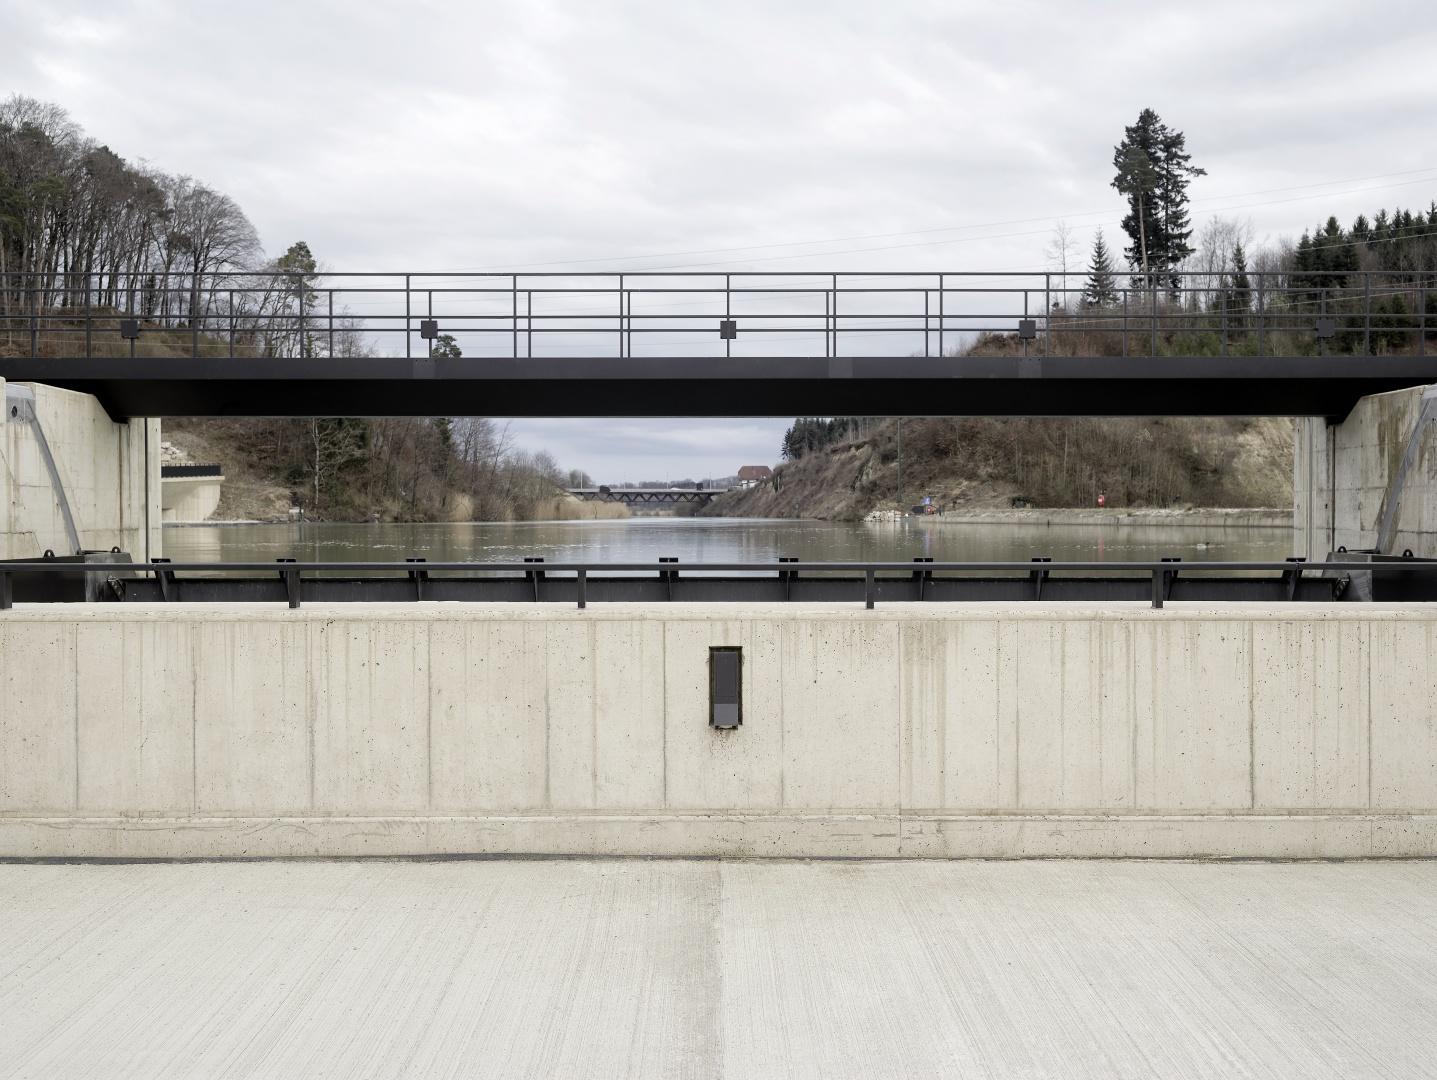 Wehrbrücke Oberwasser © Kuster Frey, Stirnrütistr. 15, 6048 Horw